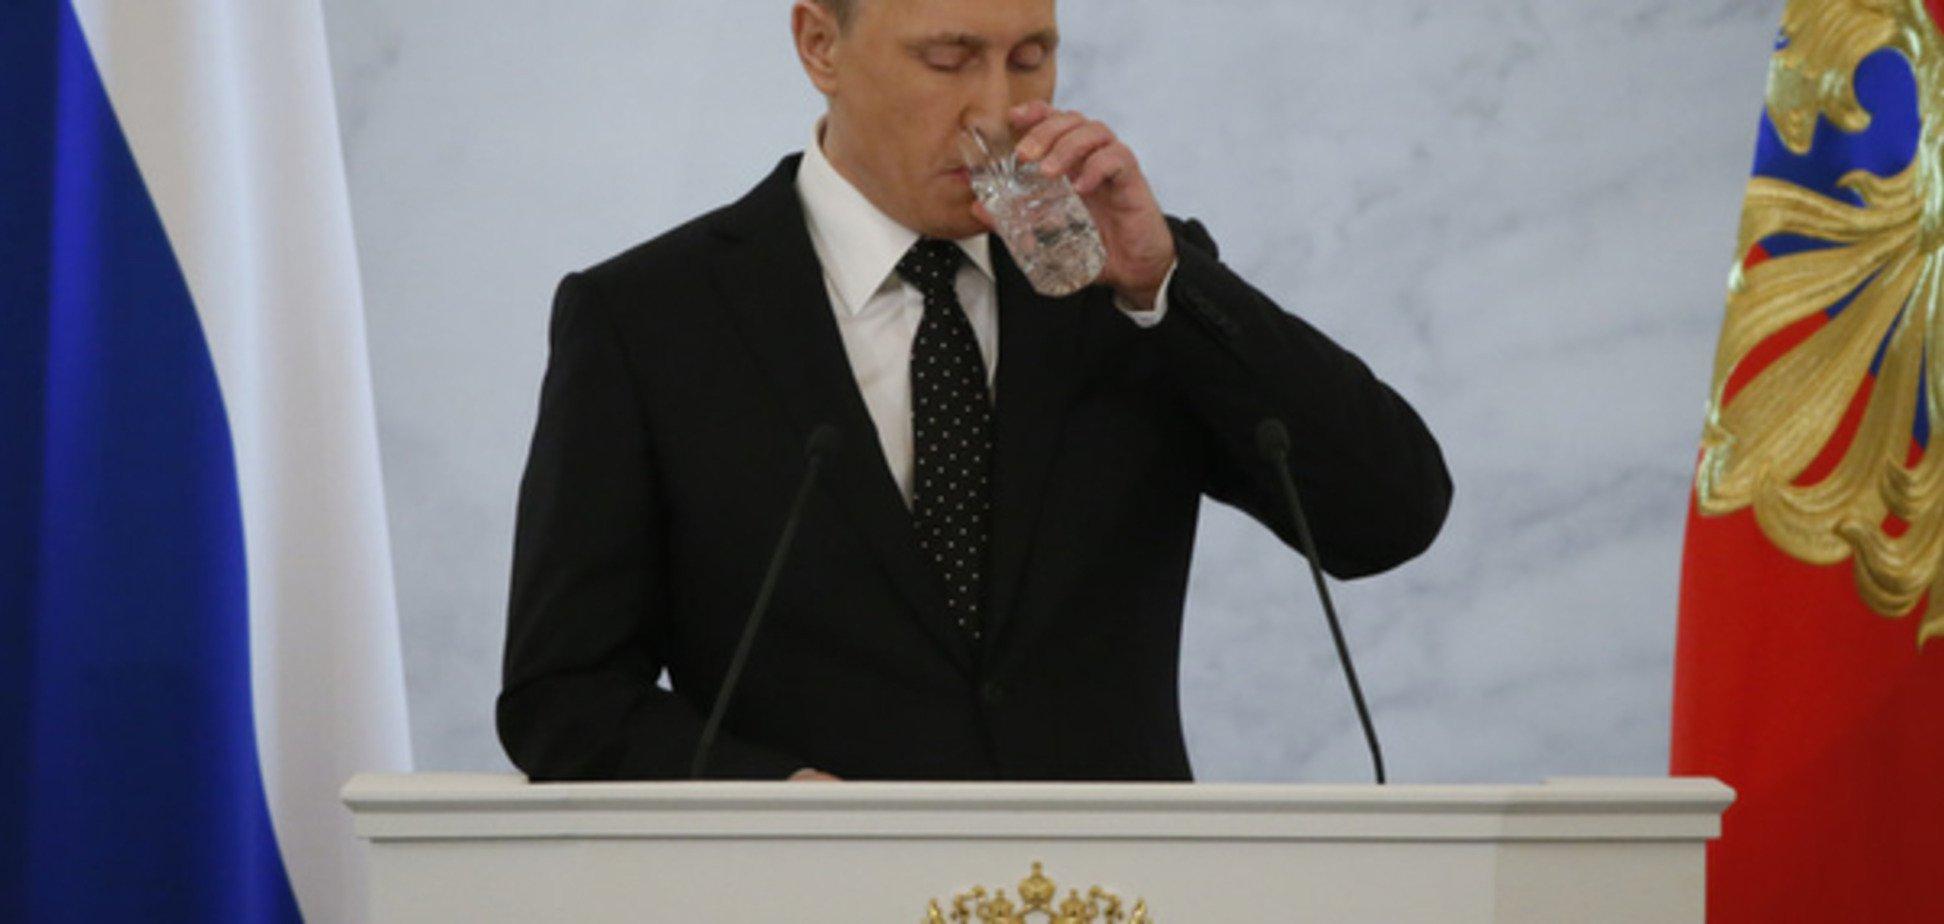 'Брехня застряє в горлянці': реакція соцмереж на послання Путіна